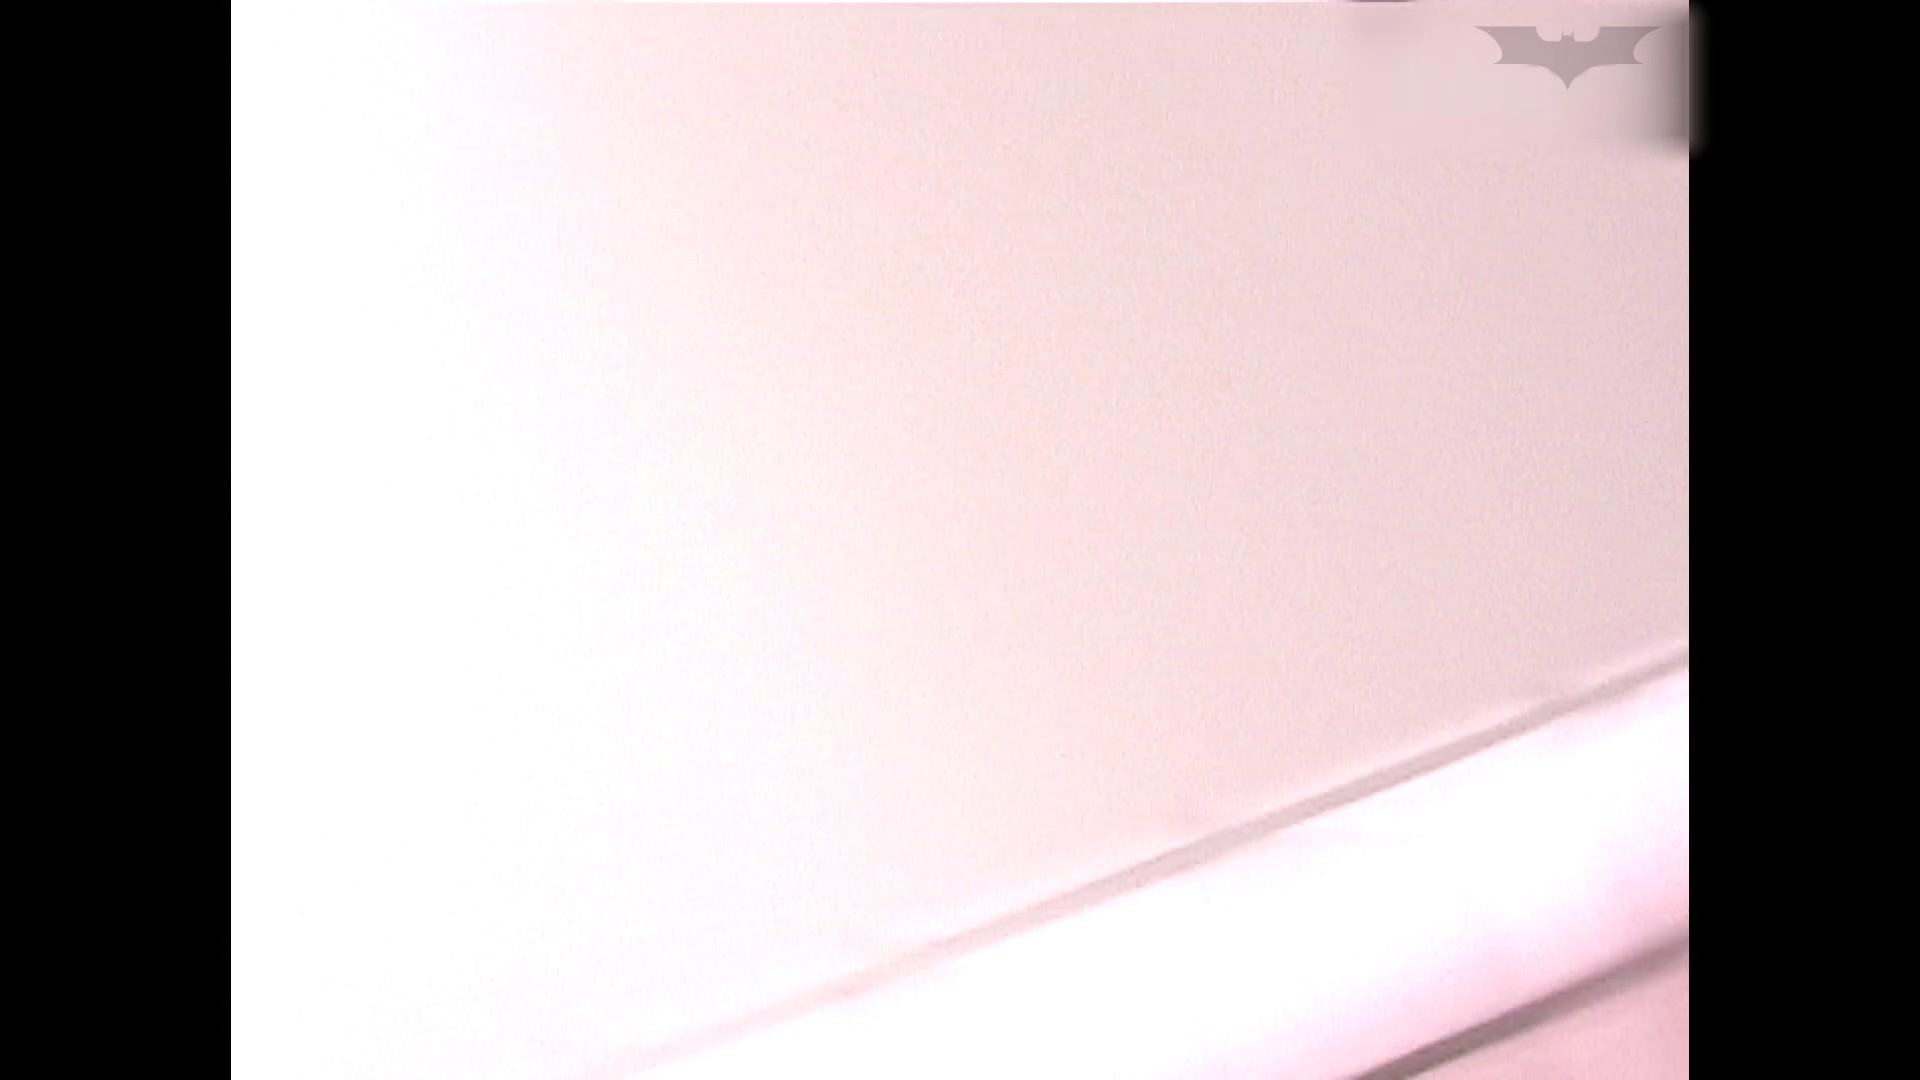 空爆和式フロント盛り合わせ! 期間限定神キタ!ツルピカの放nyo!Vol.21 いやらしいOL セックス無修正動画無料 98連発 50